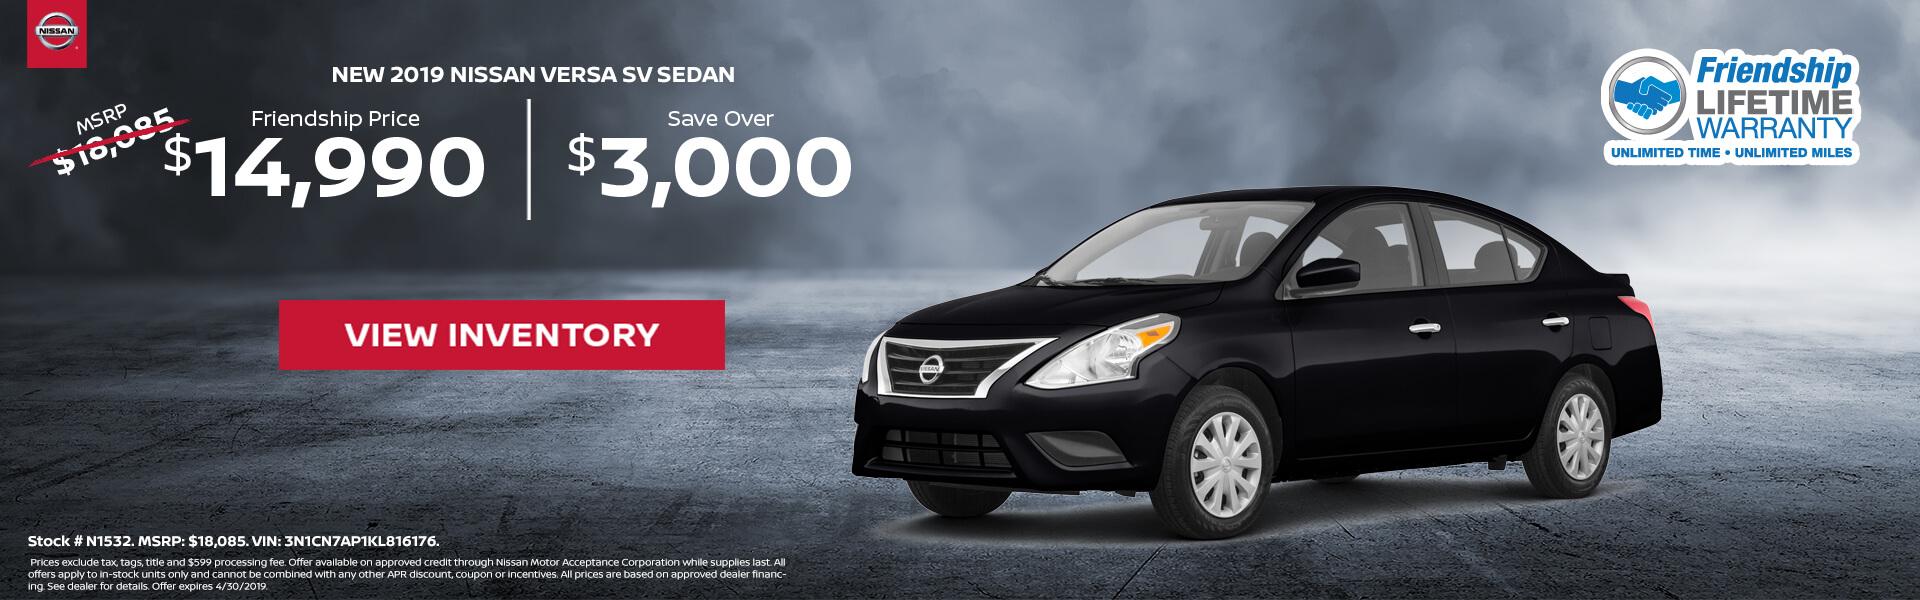 Nissan Versa $14,990 Purchase